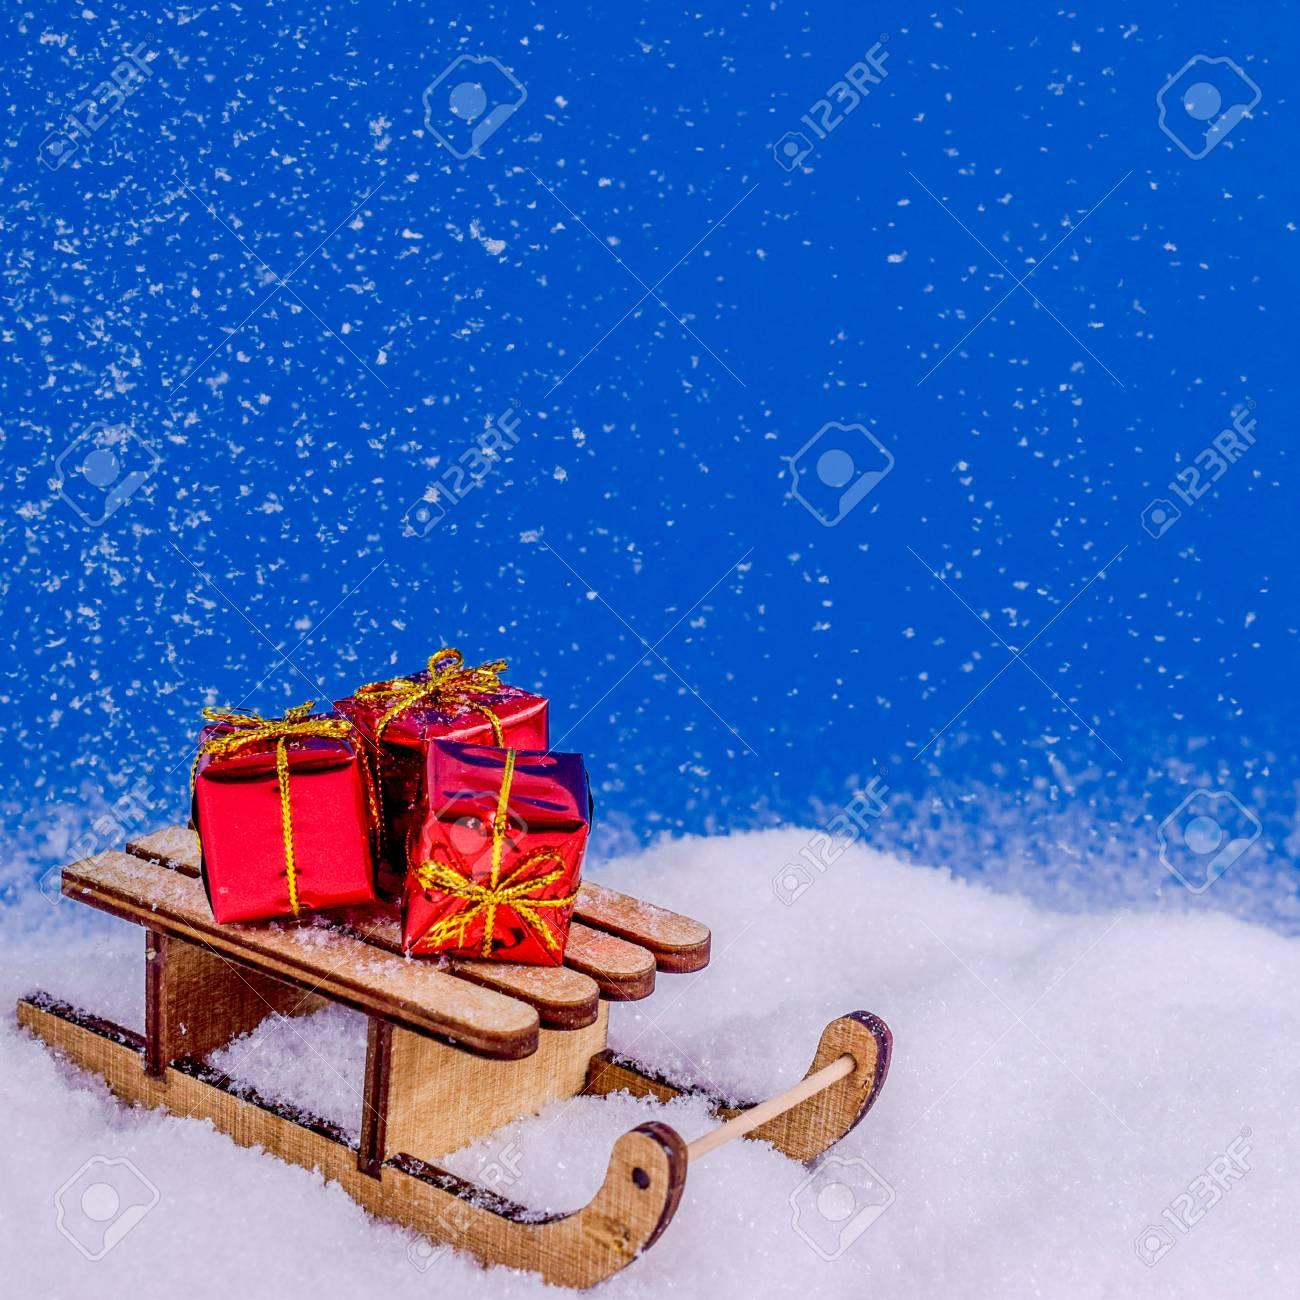 Immagini Di Natale Con La Neve.Slitta Di Natale Nella Neve Con I Regali Rossi Di Natale Sotto I Fiocchi Di Neve Su Priorita Bassa Blu Concetto Di Natale E Capodanno Biglietto Di